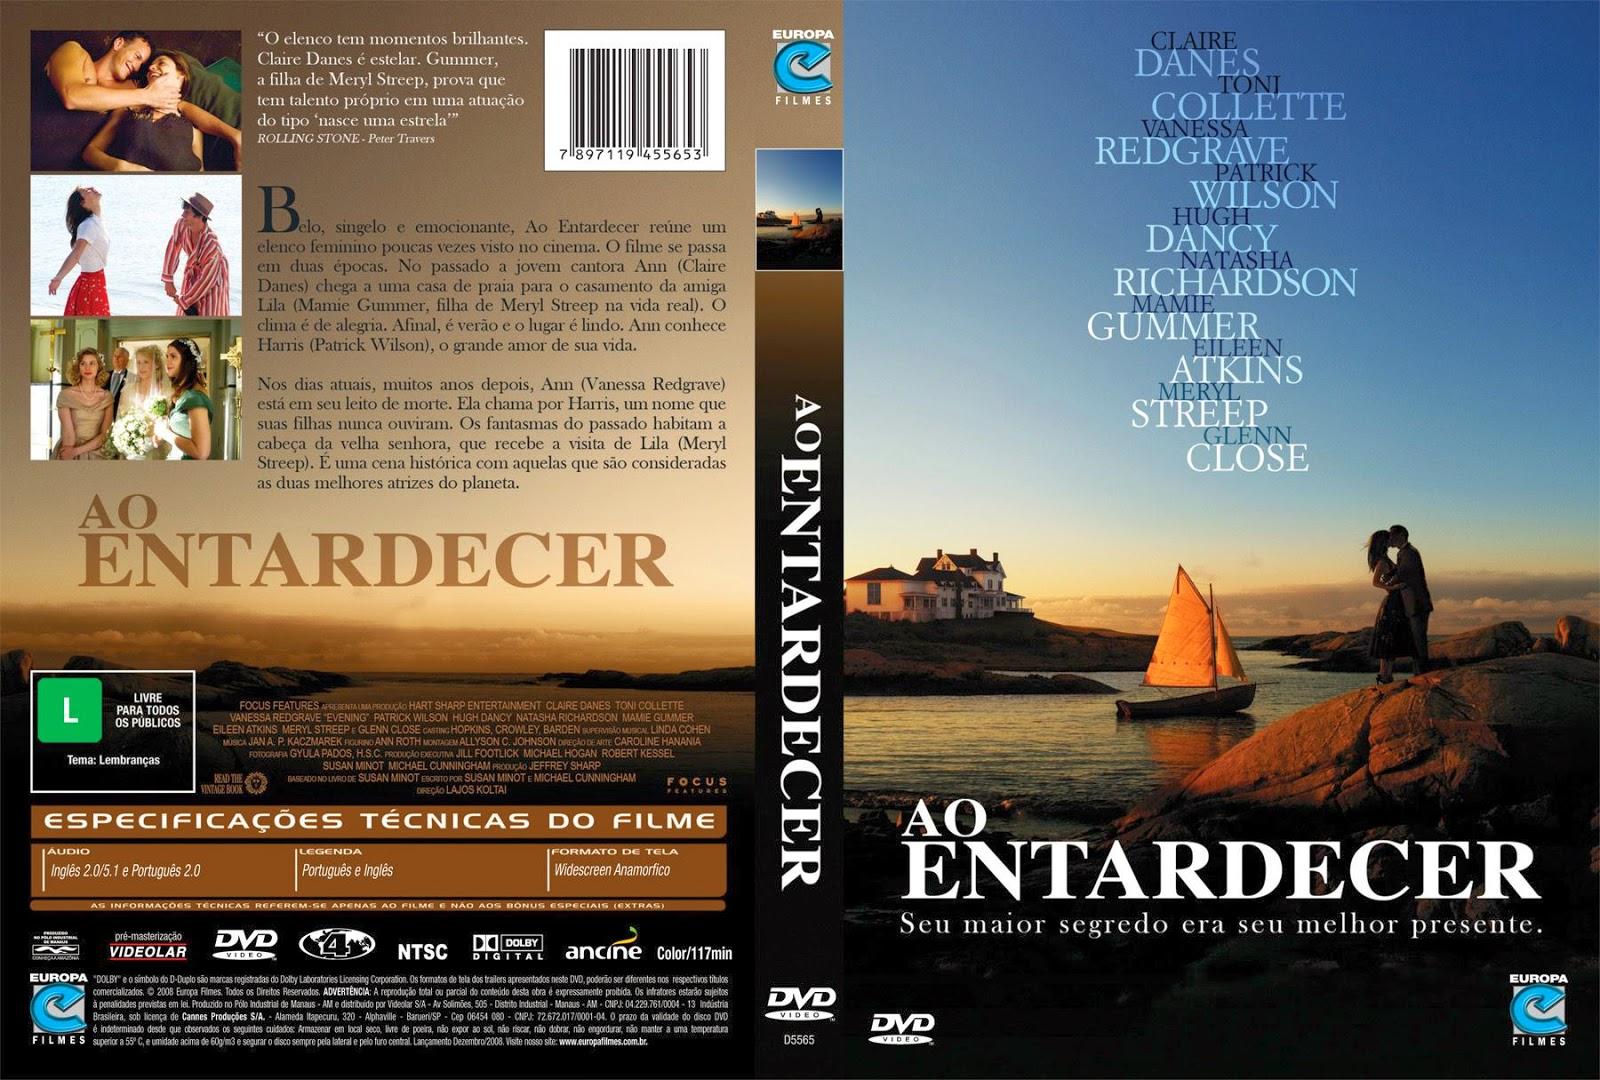 Capa DVD Ao Entardecer